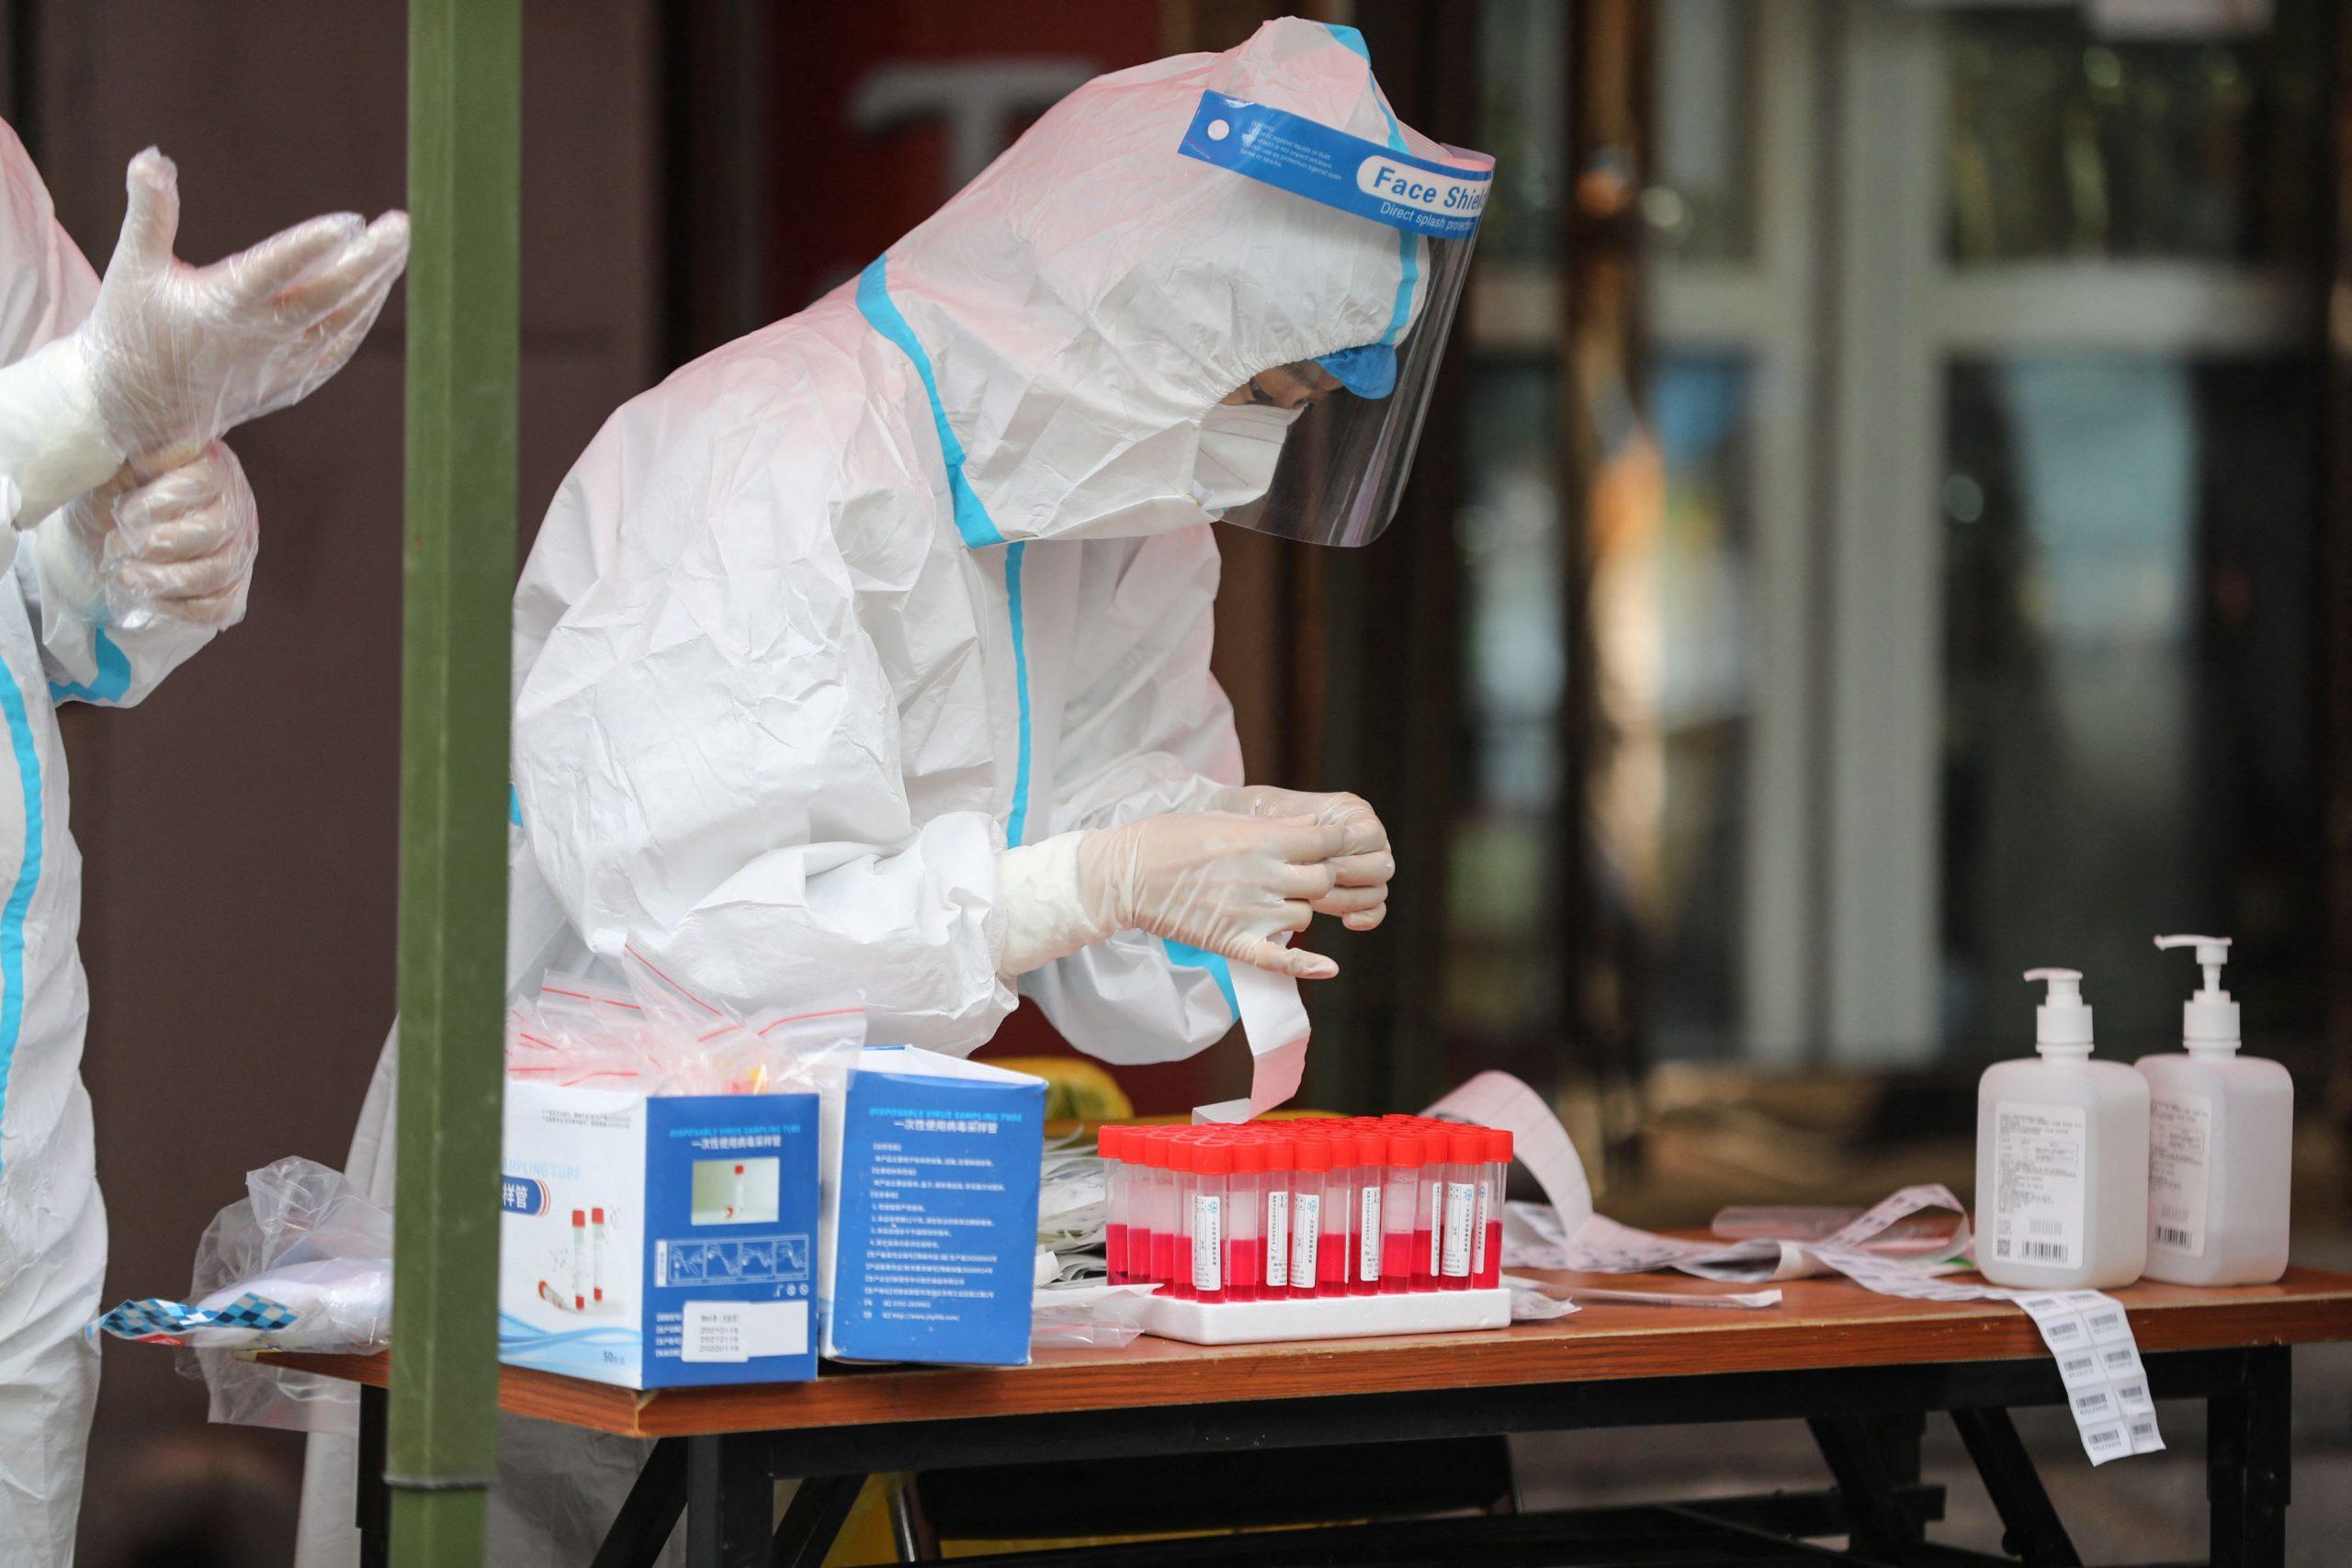 Científicos franceses encuentran virus 'muy similar' en cuevas de murciélagos chinos - Prensa Libre